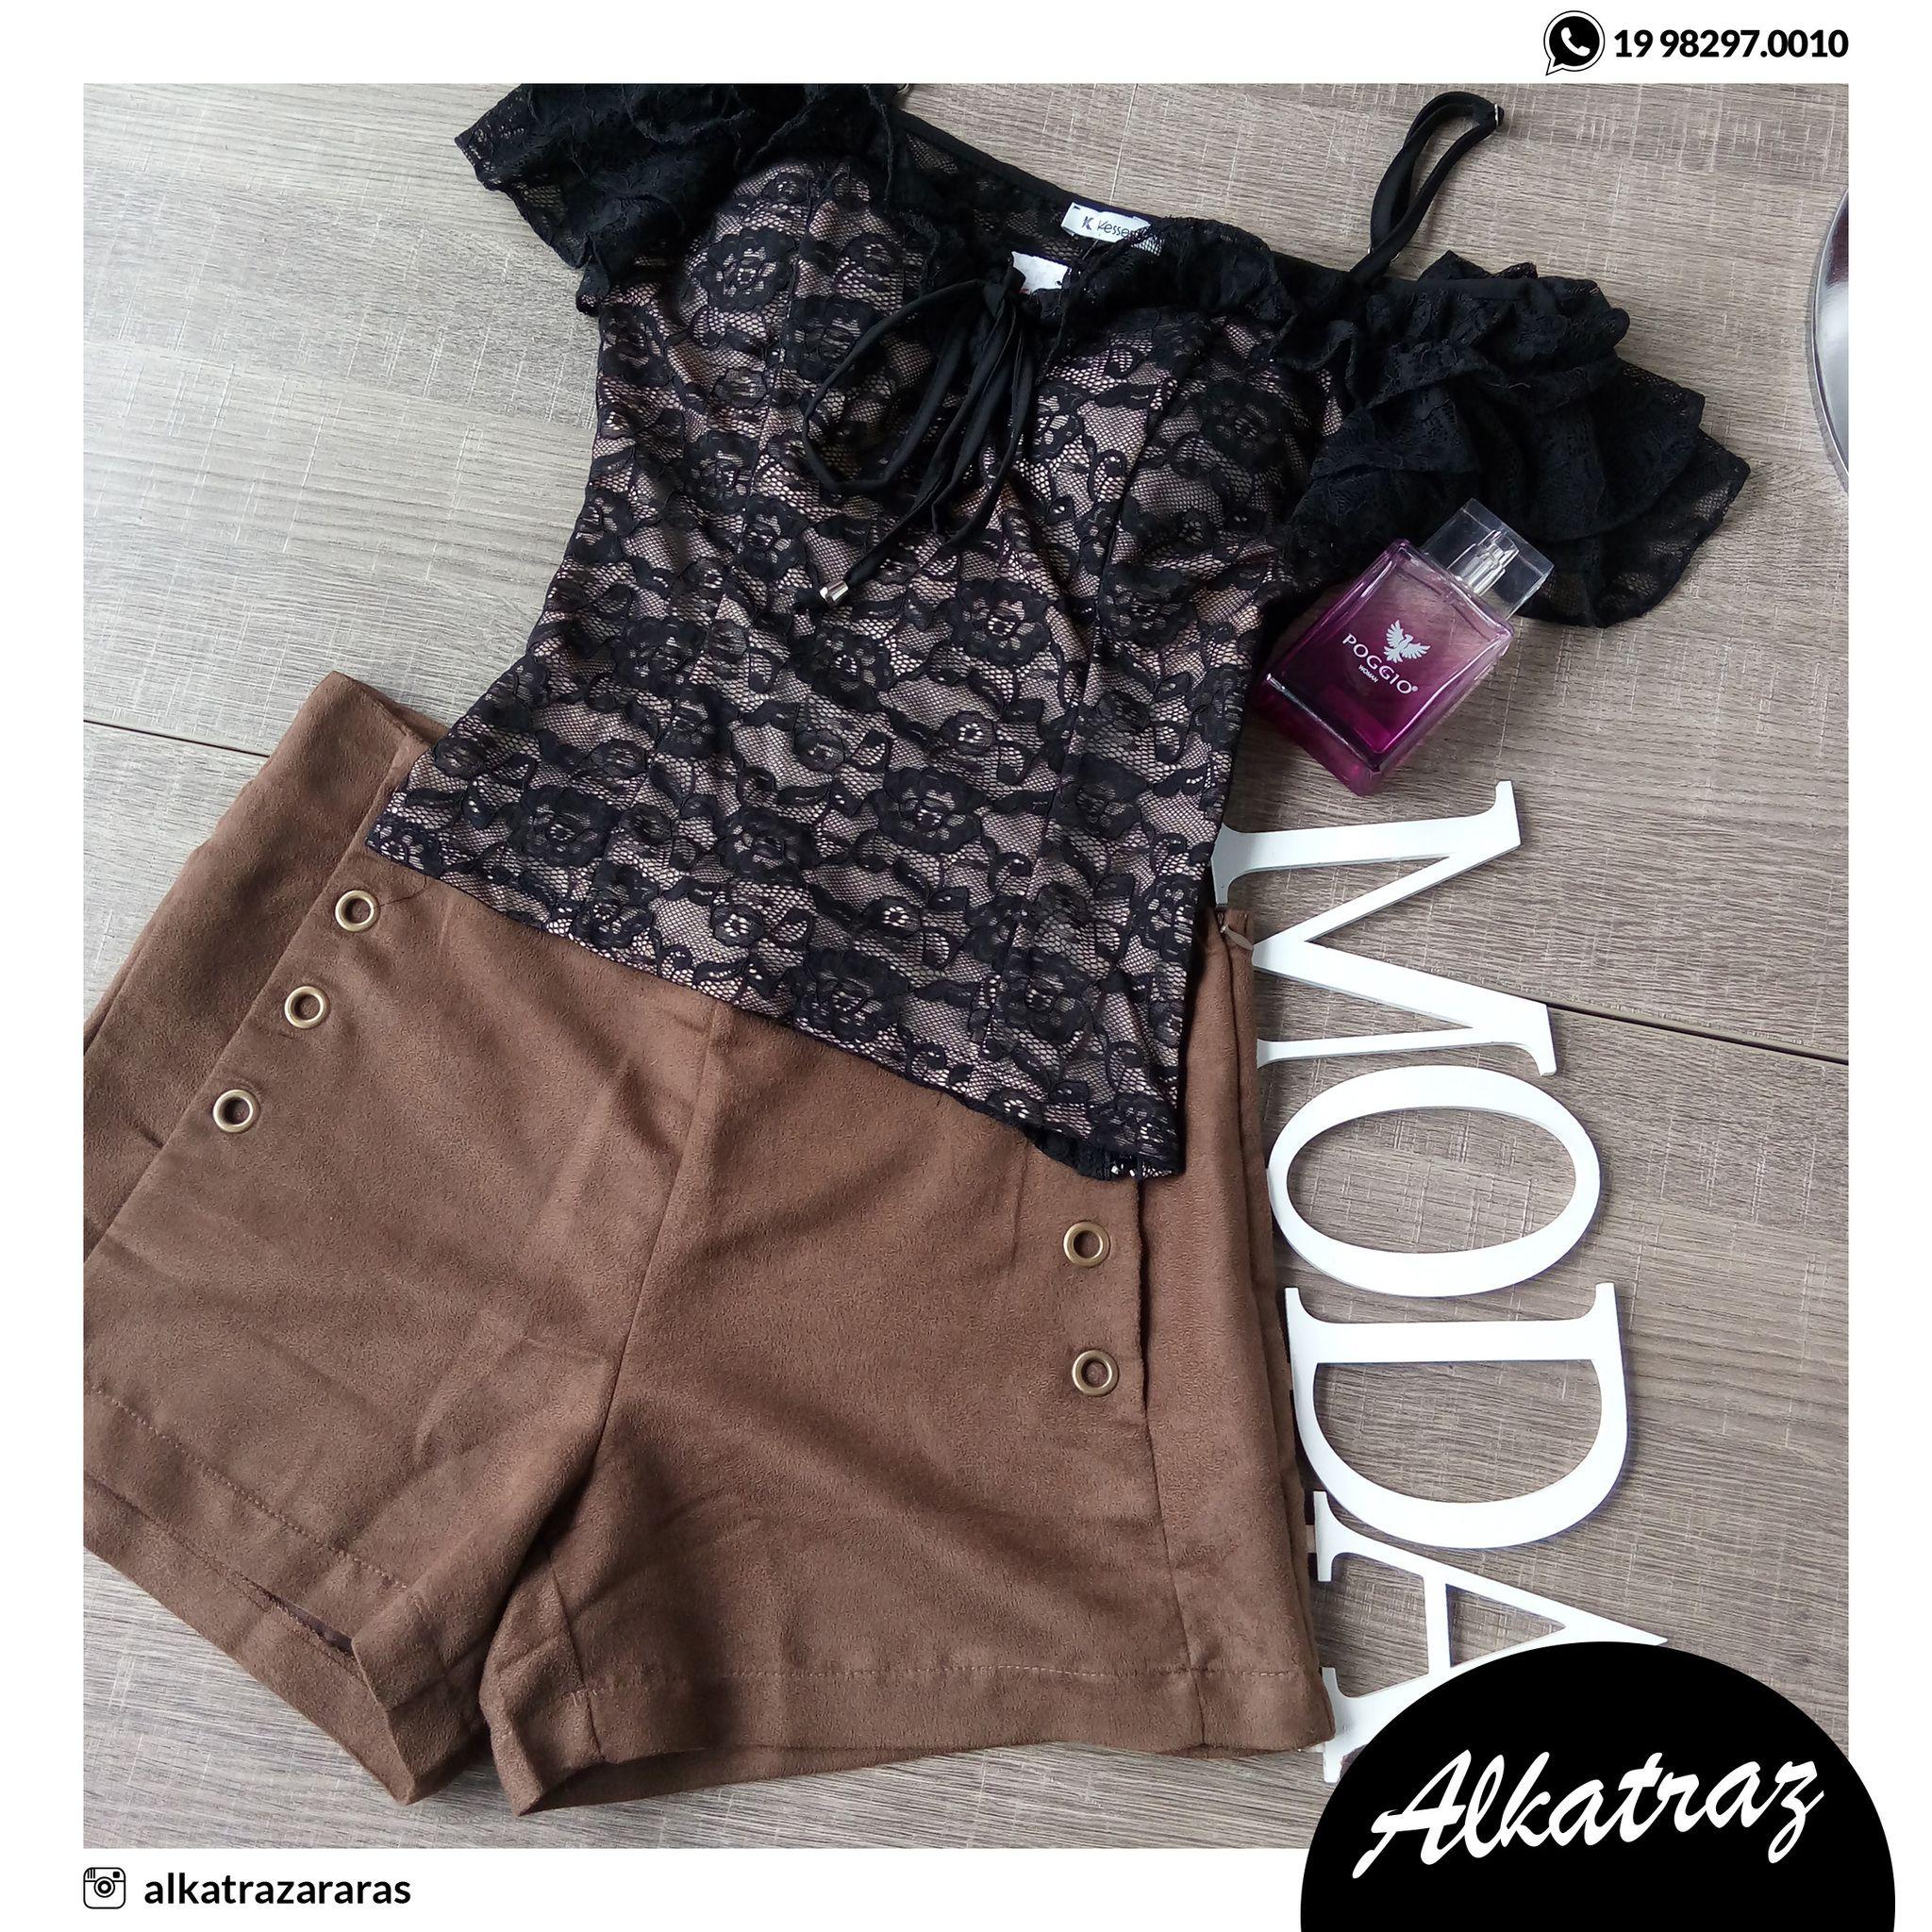 Renda e suede 😍😍 Combinação perfeita que amamos! 💋#alkatraz #moda #woman #mulheres #elegância #preçosbaixos